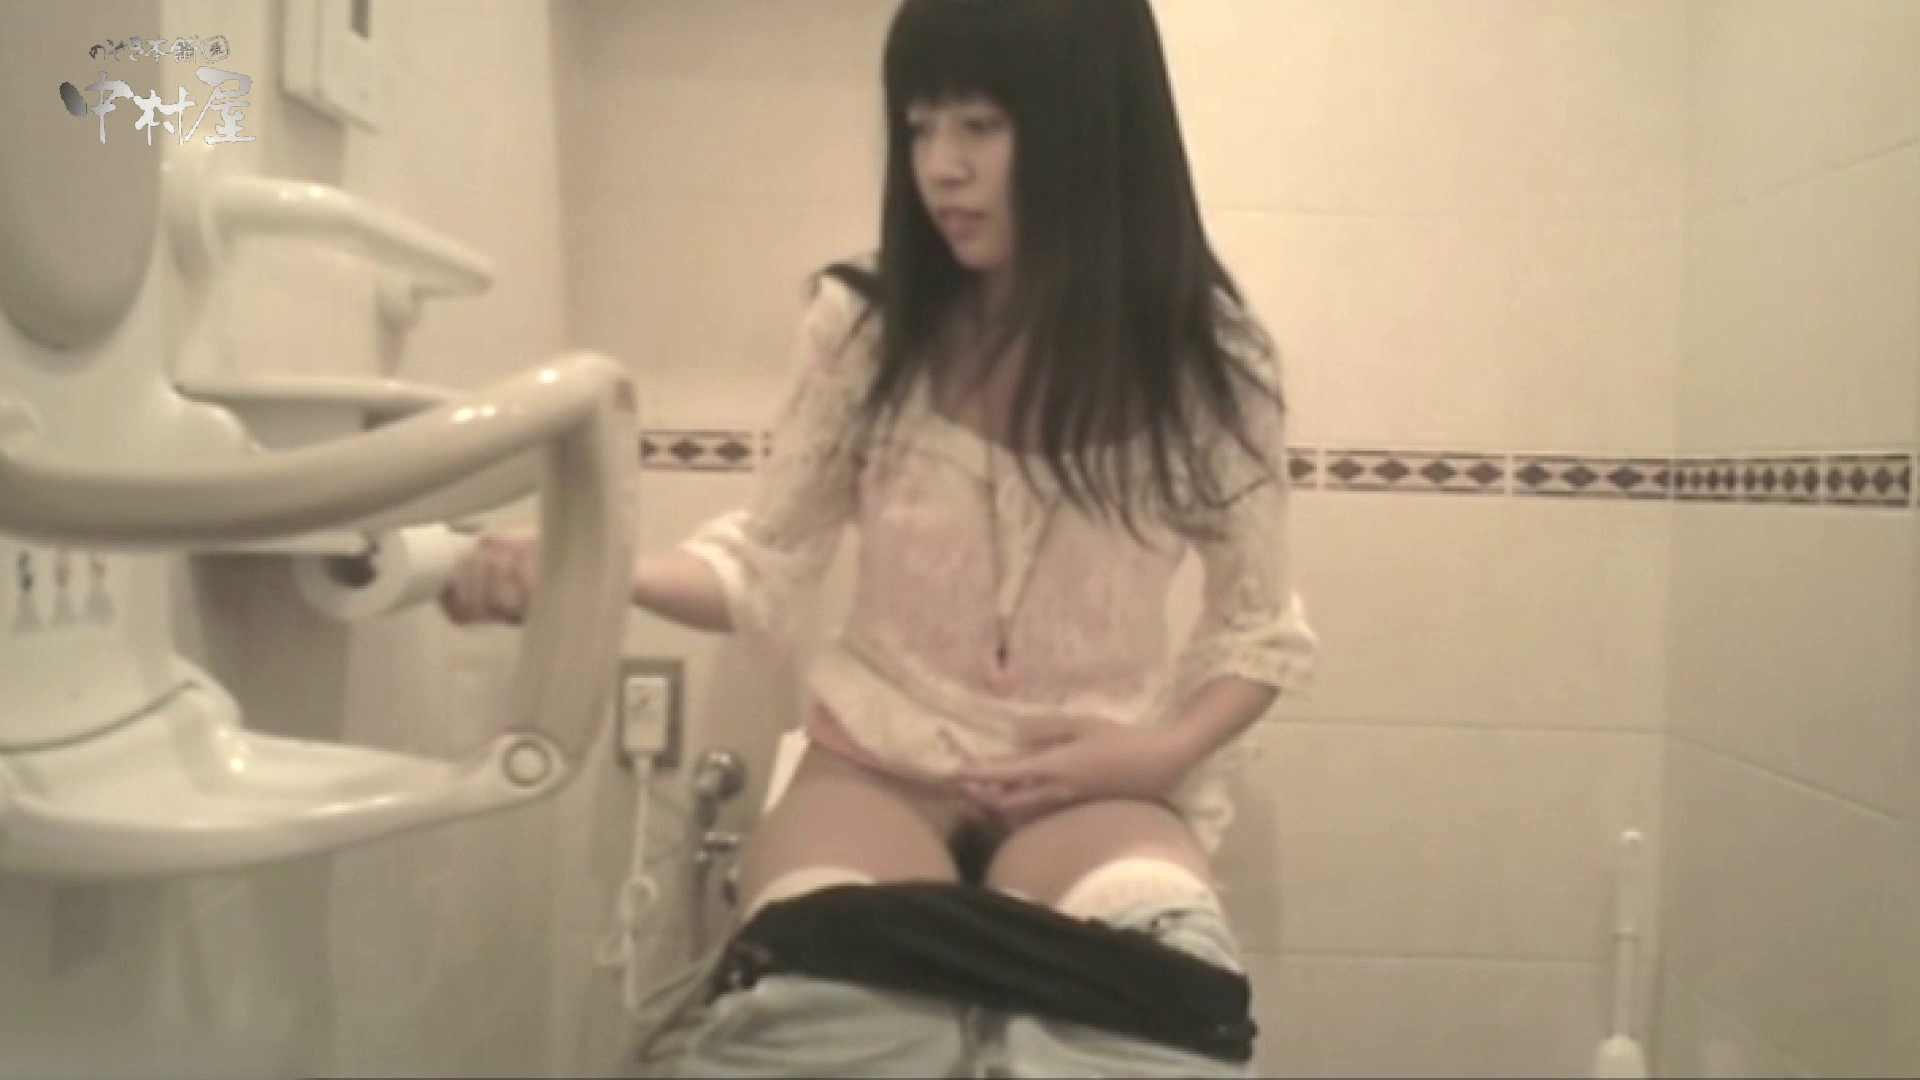 ティーンガールのトイレ覗き‼vol.19 美女まとめ ヌード画像 111PIX 110